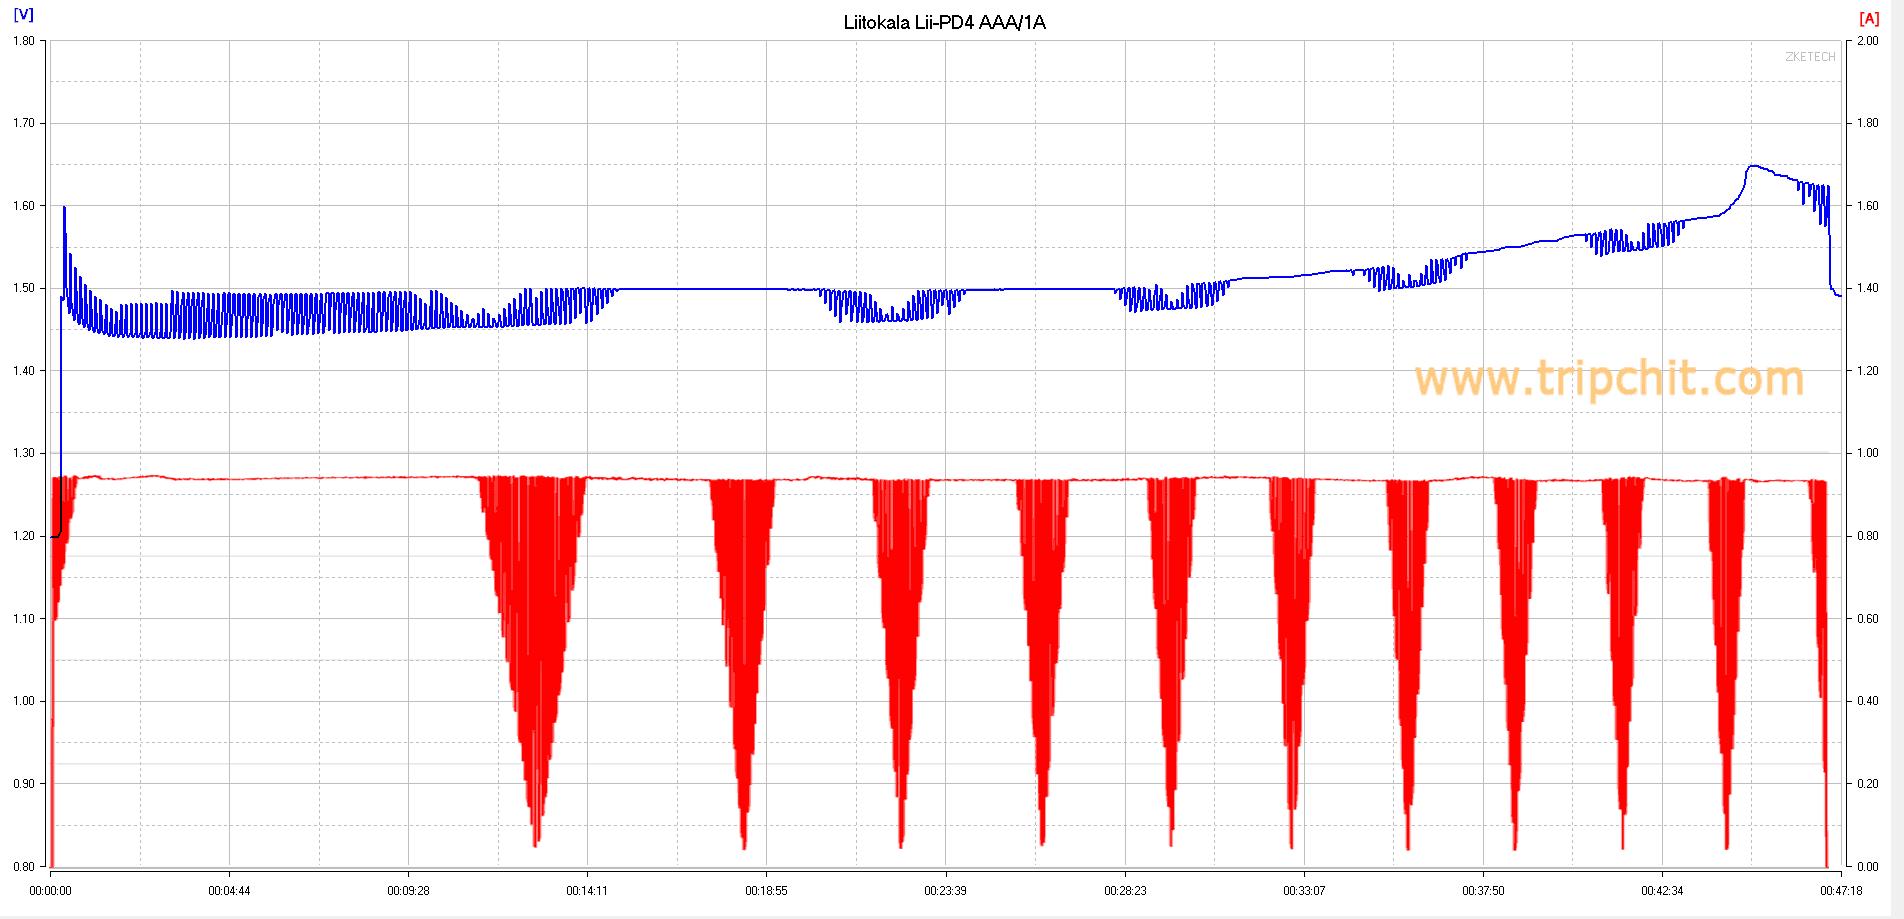 liitokala lii-PD4 заряд AAA